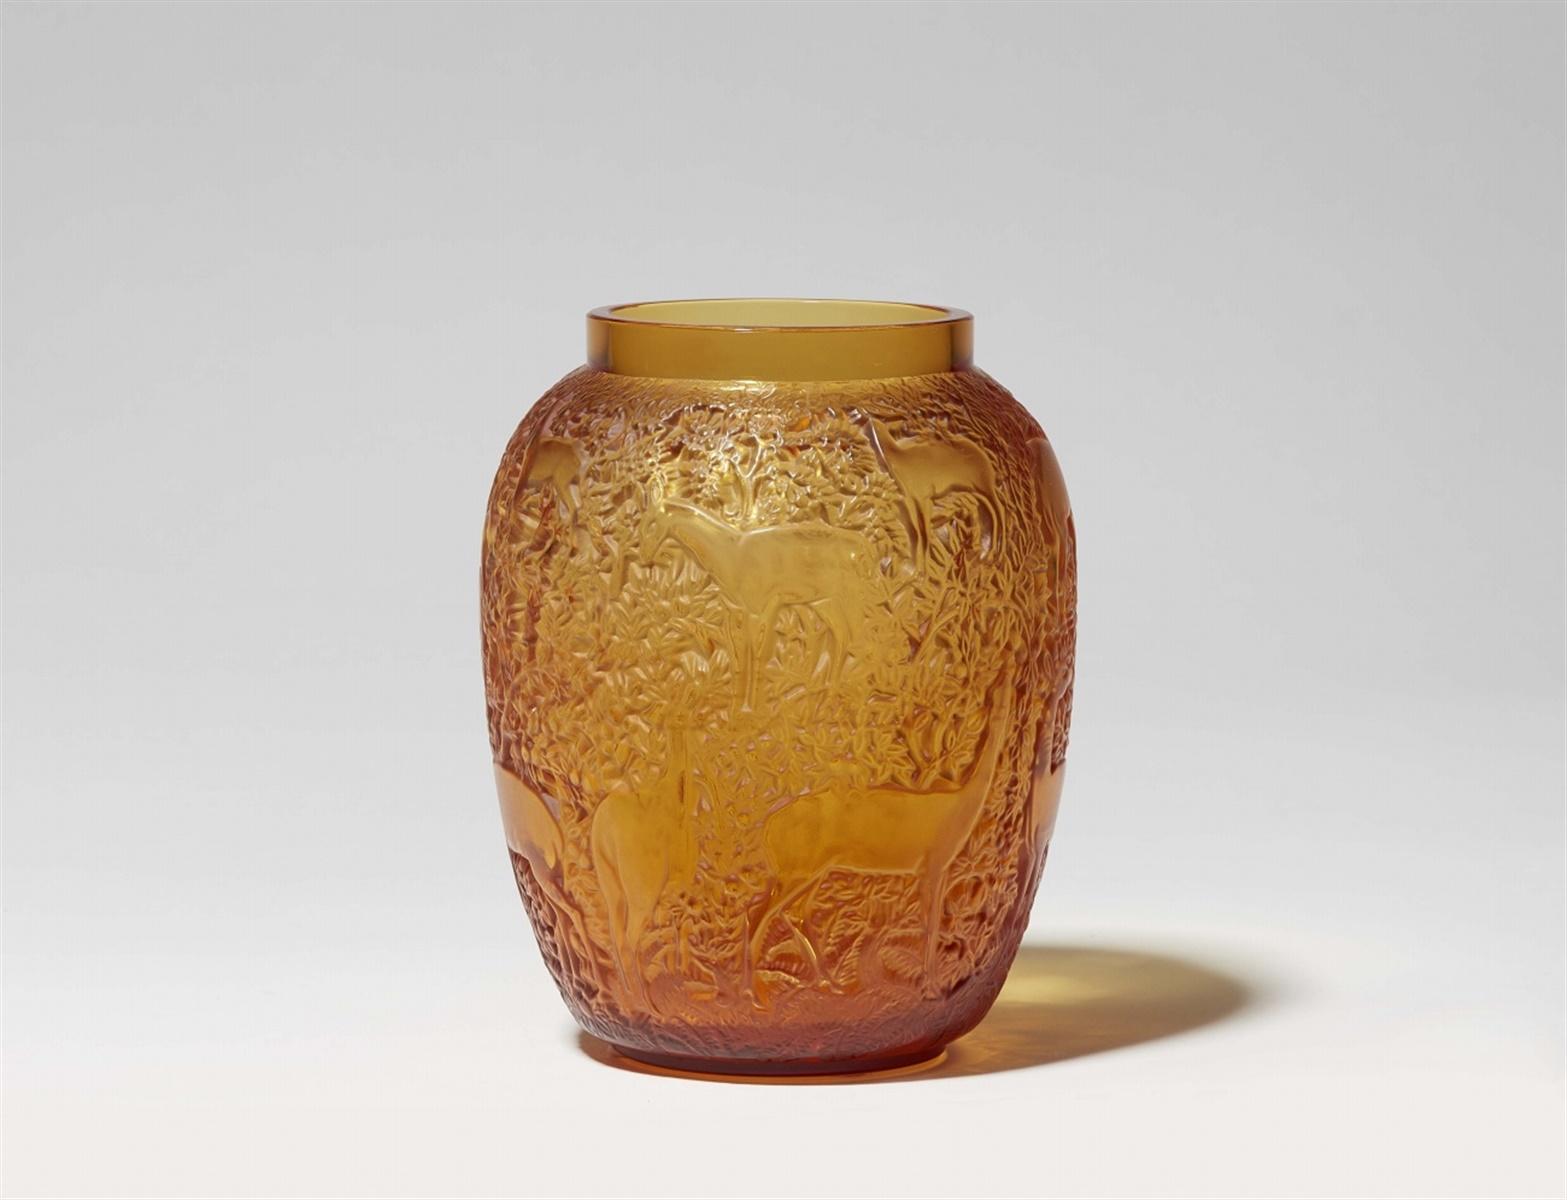 Lot 105 - Vase bichesModelgeformtes bernsteinfarbenes Glas. Modell 1082, nach 1947 als Modell 2015 und ab 1951